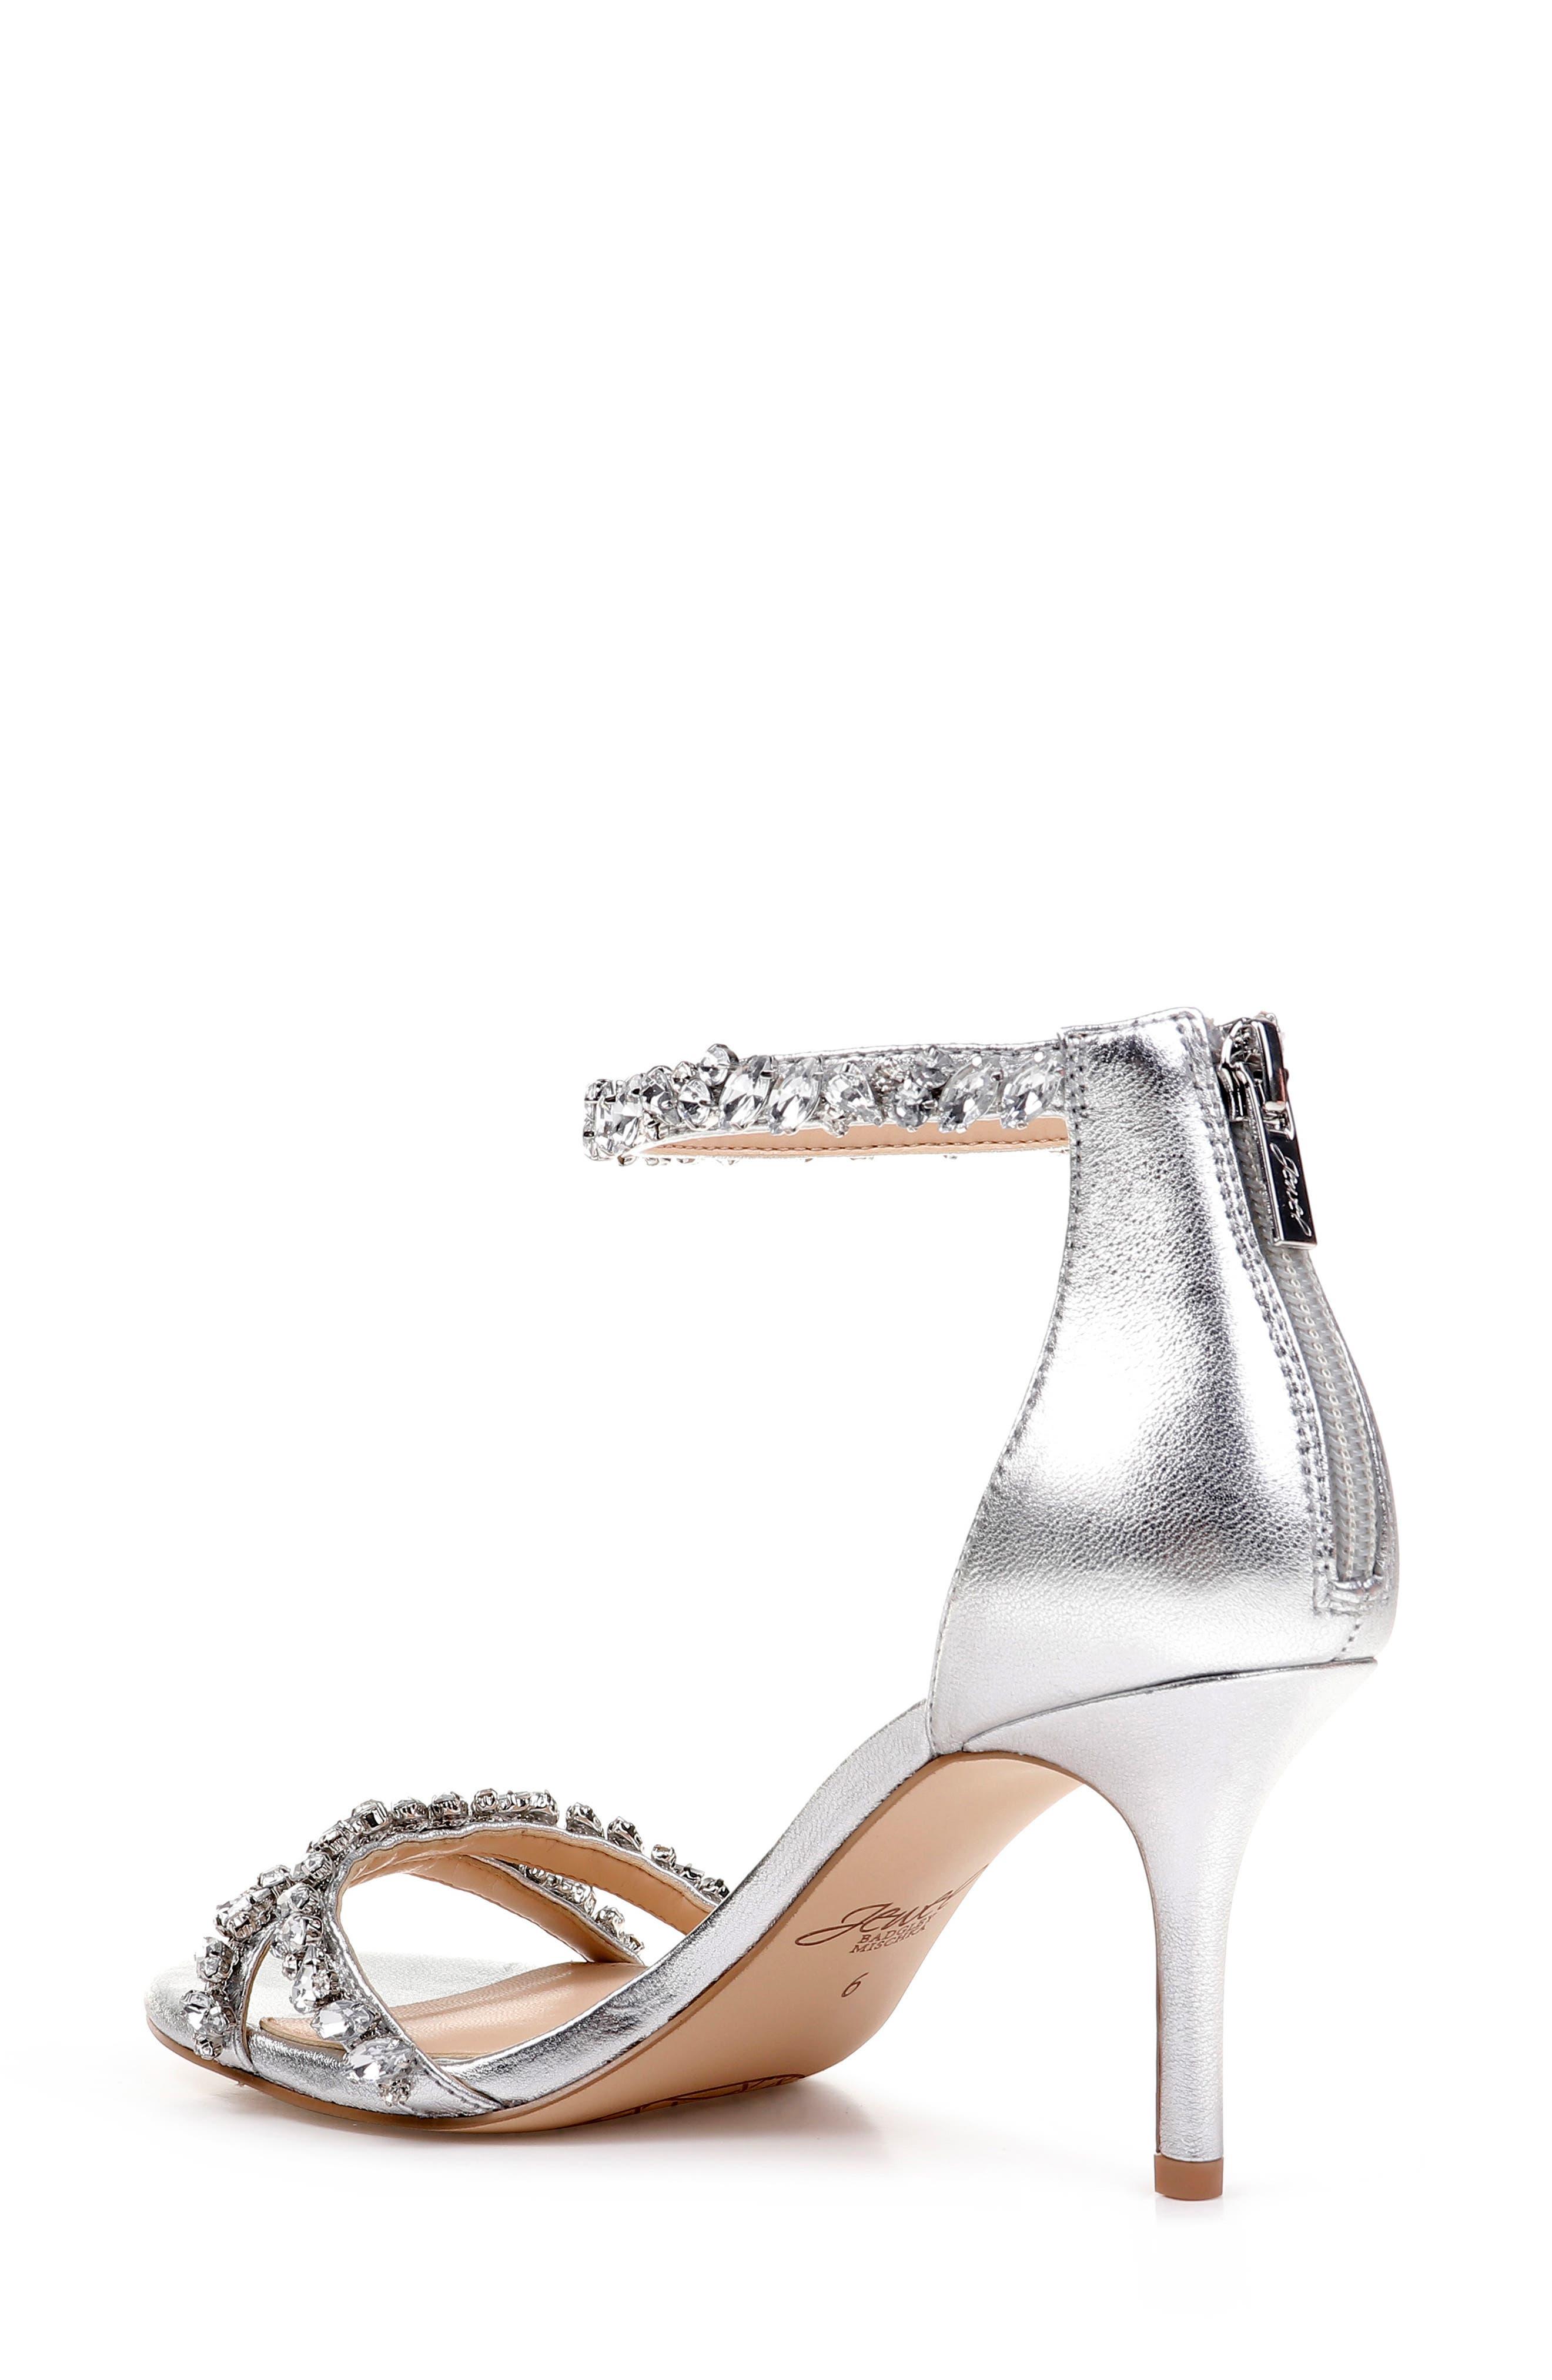 JEWEL BADGLEY MISCHKA, Darlene Embellished Ankle Strap Sandal, Alternate thumbnail 2, color, SILVER LEATHER